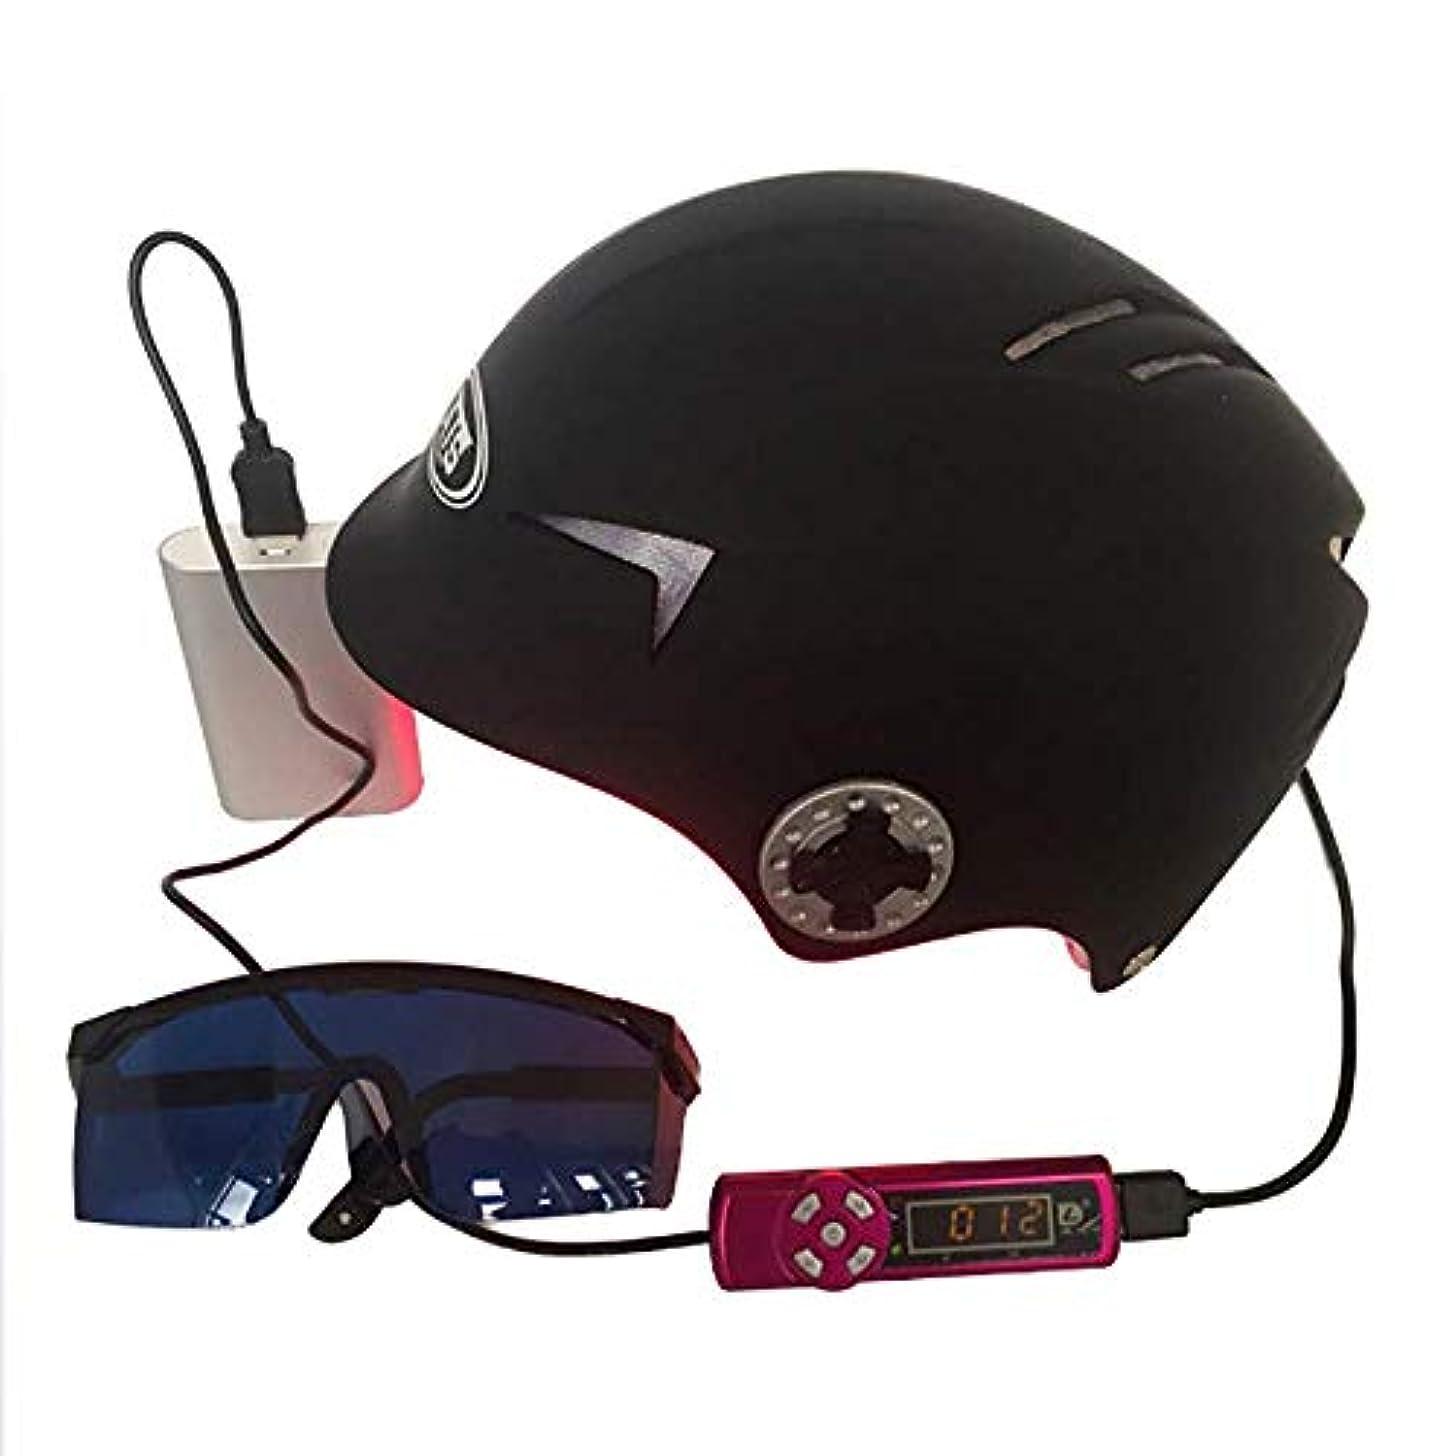 セール化粧くぼみ育毛ヘルメット急成長脱毛ソリューション男性と女性のダイオード治療ヘア帽子,64